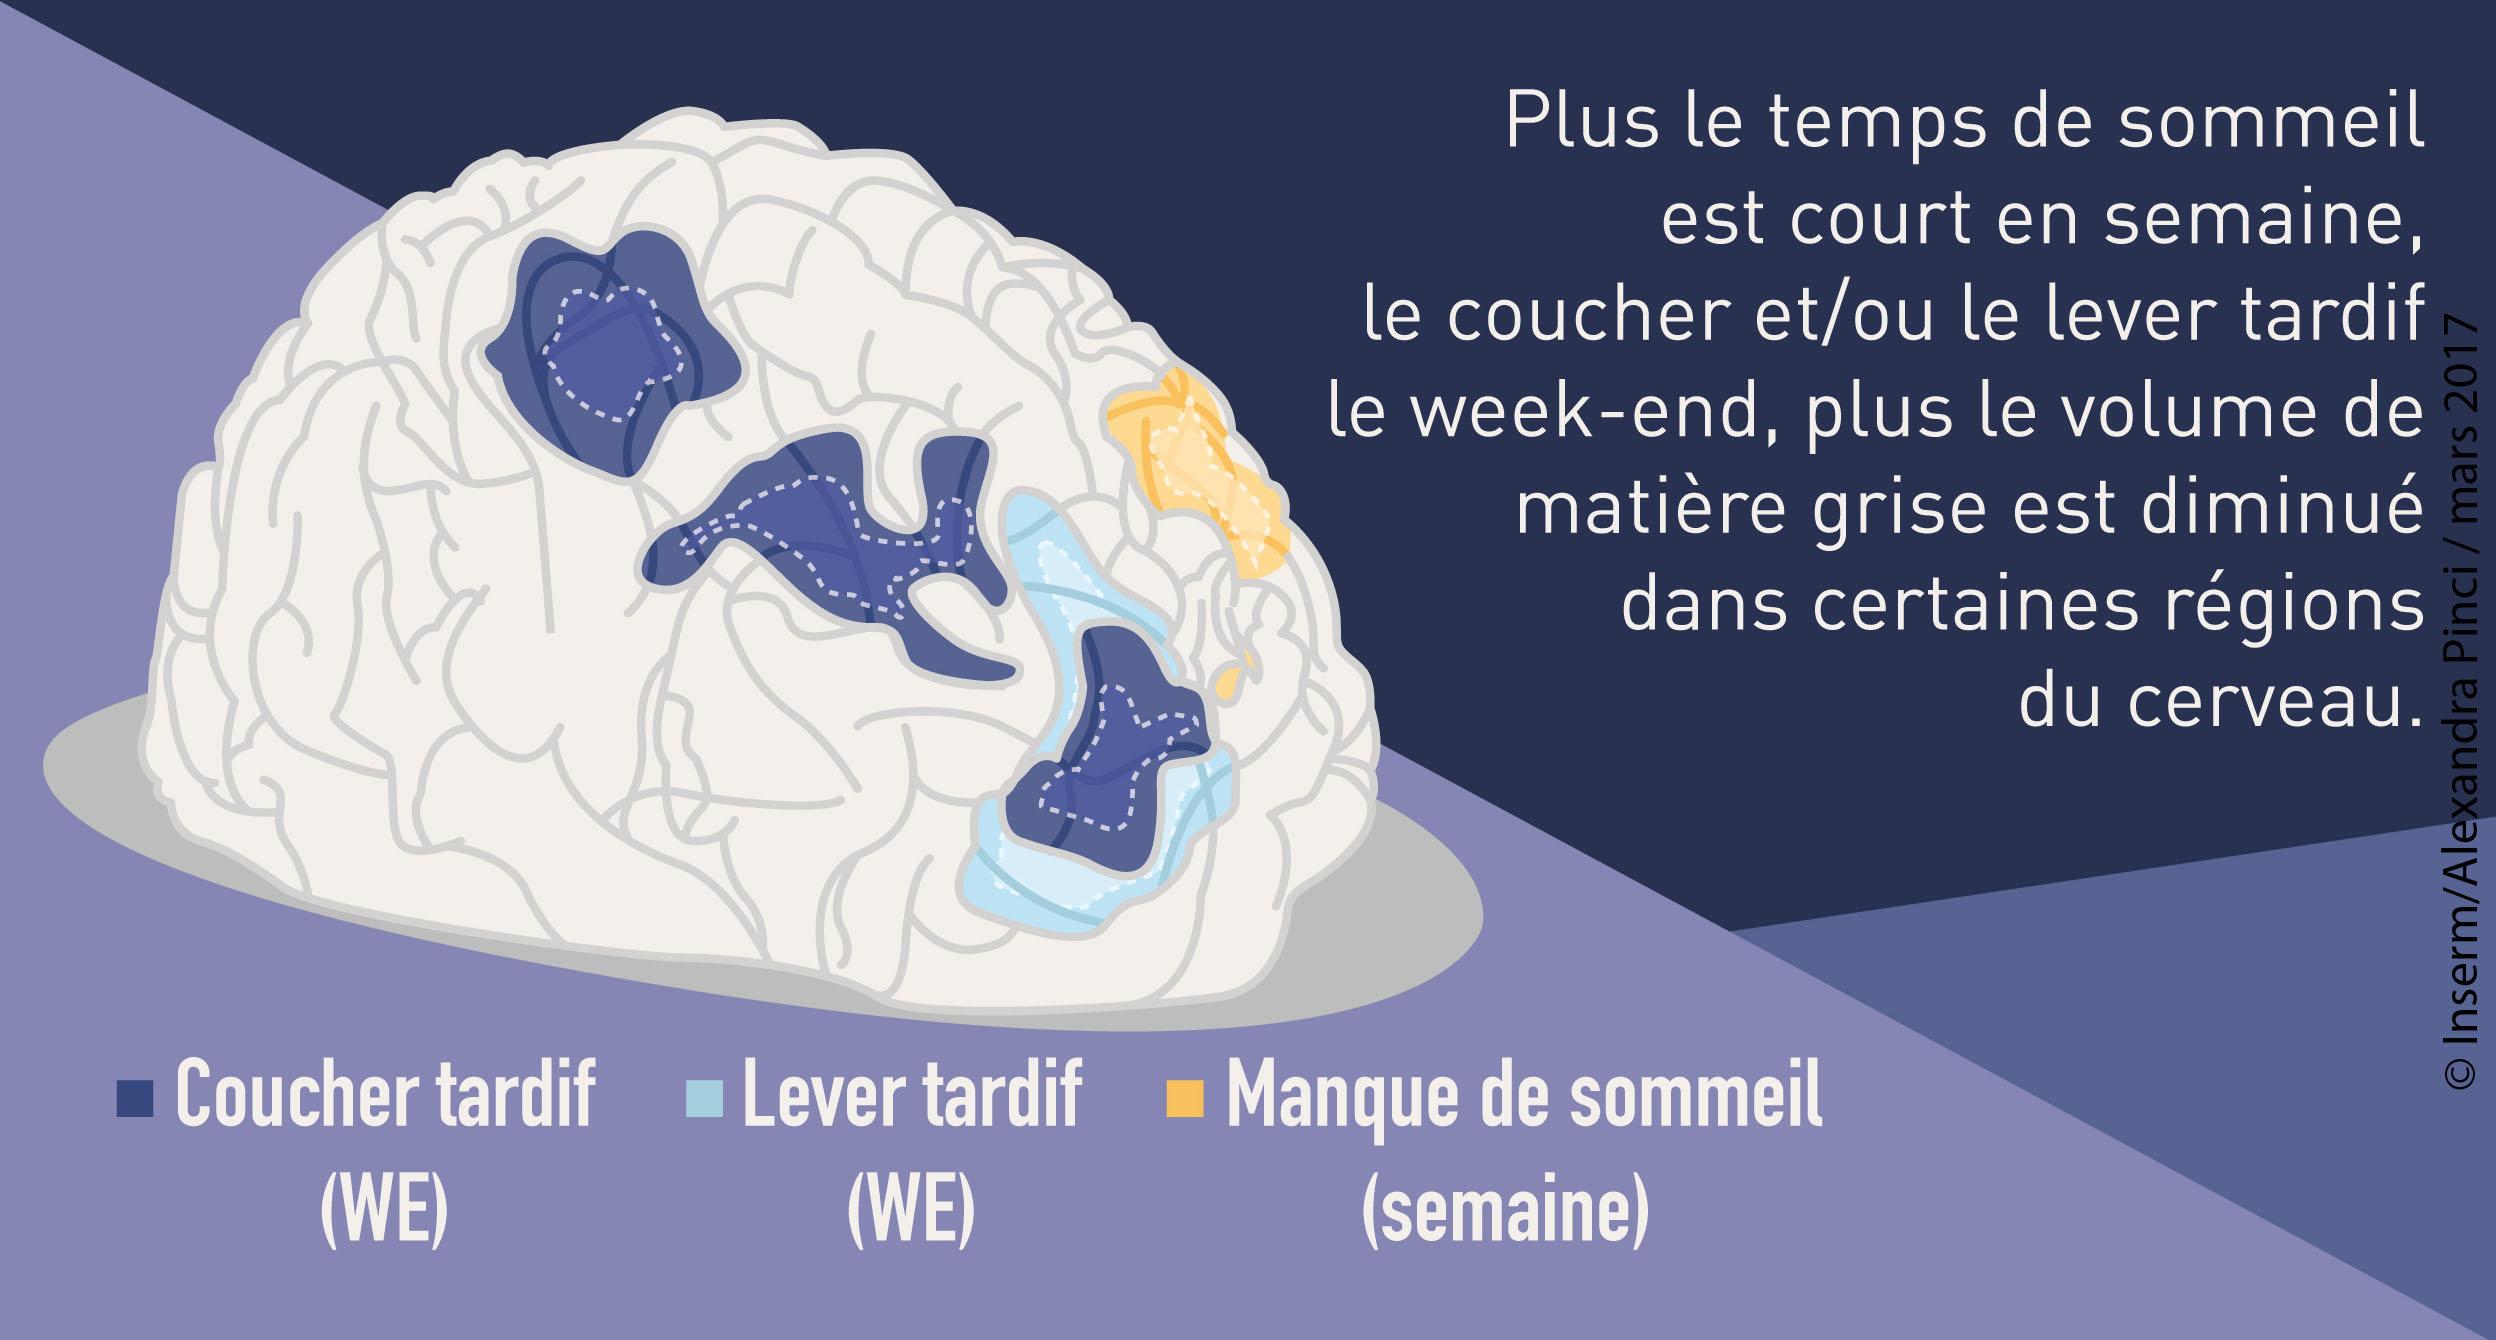 ilustration-sommeil-cerveau-copyright